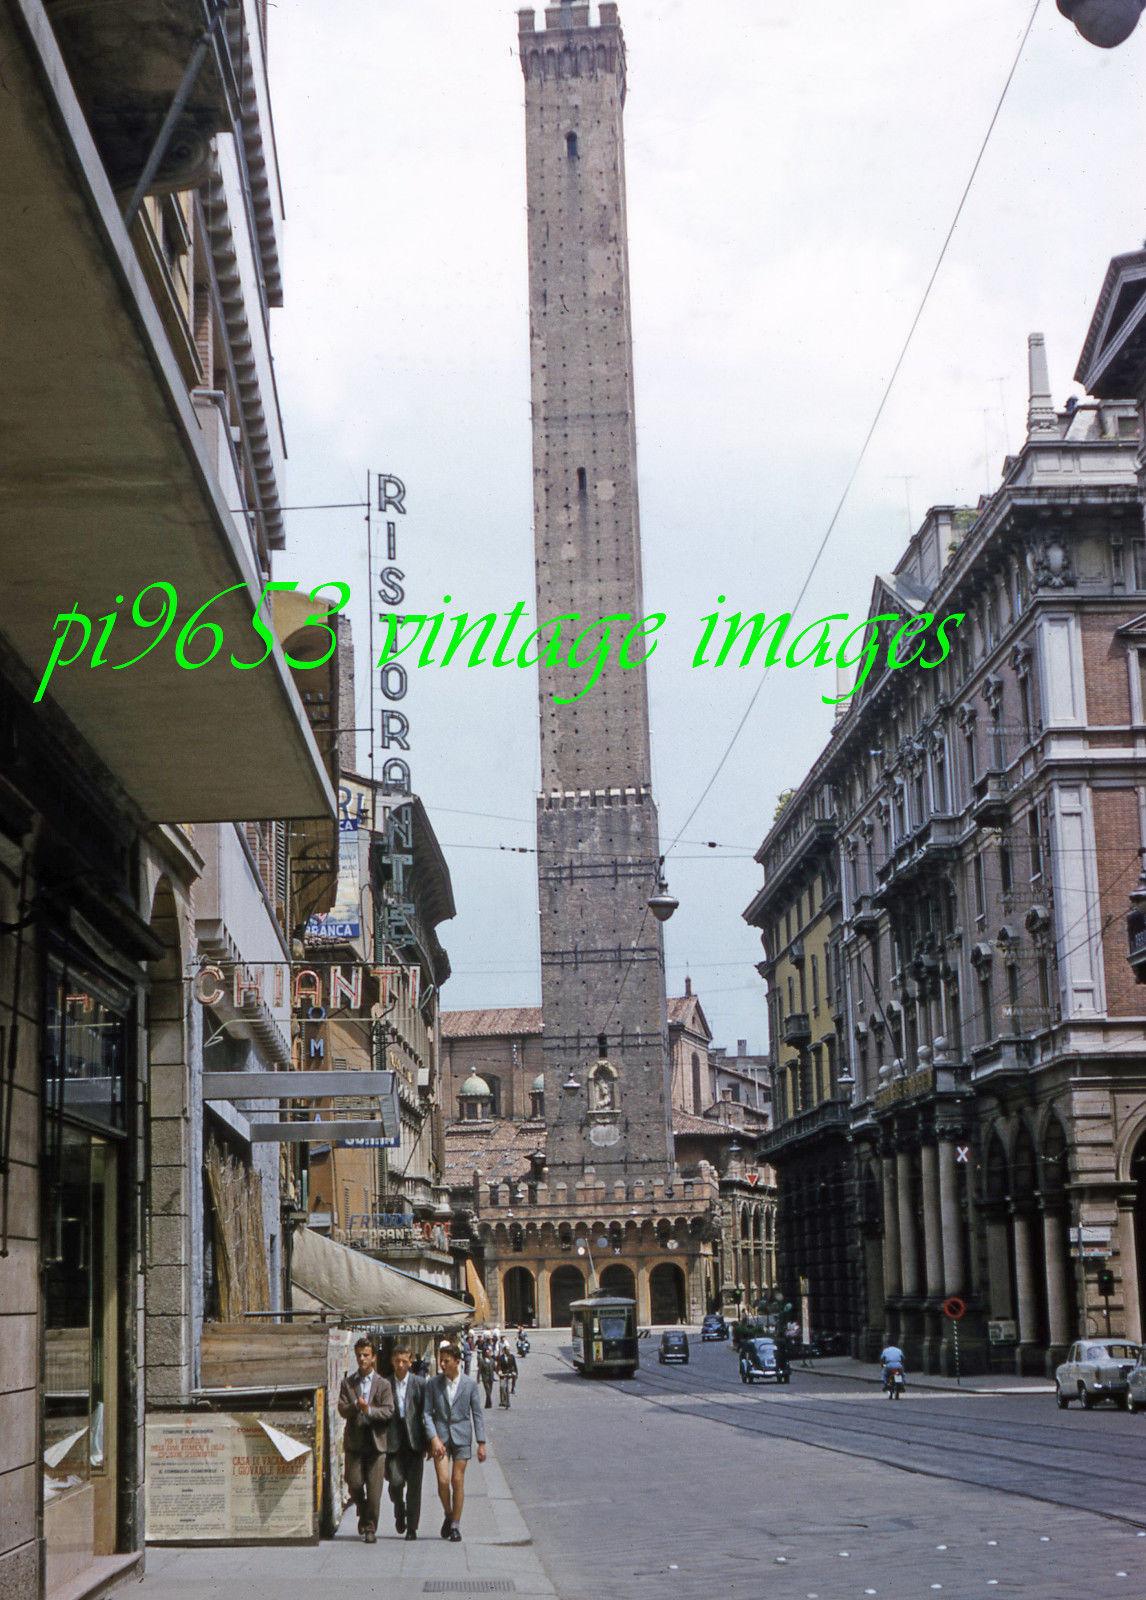 Из кодахромного наследия. Италия 1950-х.